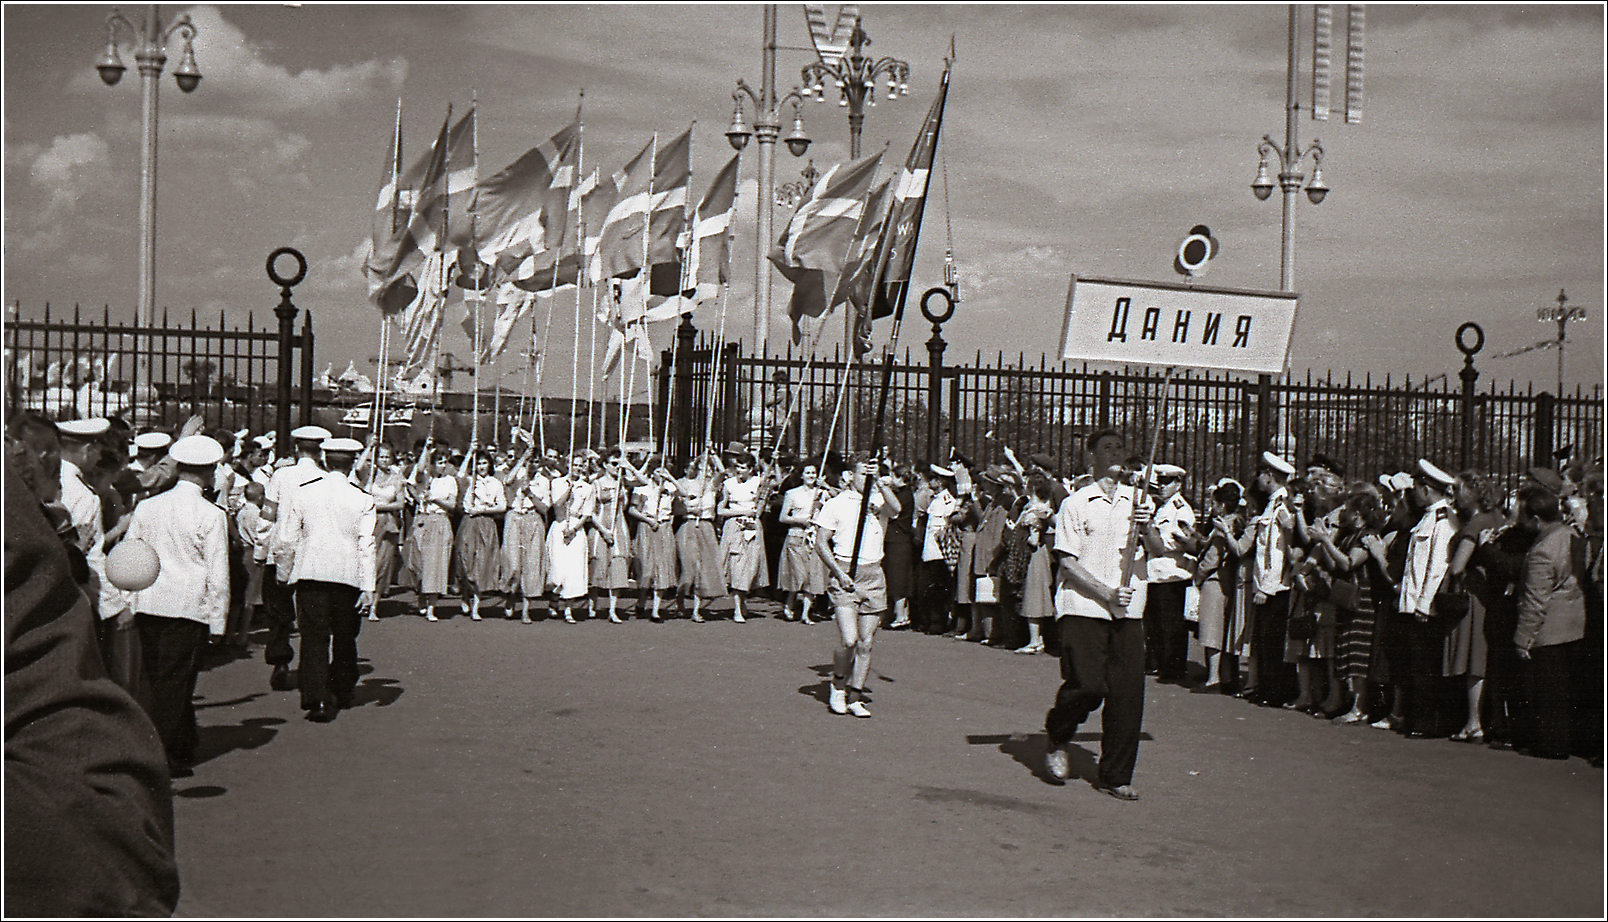 125. 1957. VI Всемирный фестиваль молодёжи и студентов, открывшийся 28 июля в Москве. Лужники, прохождение делегаций, Дания